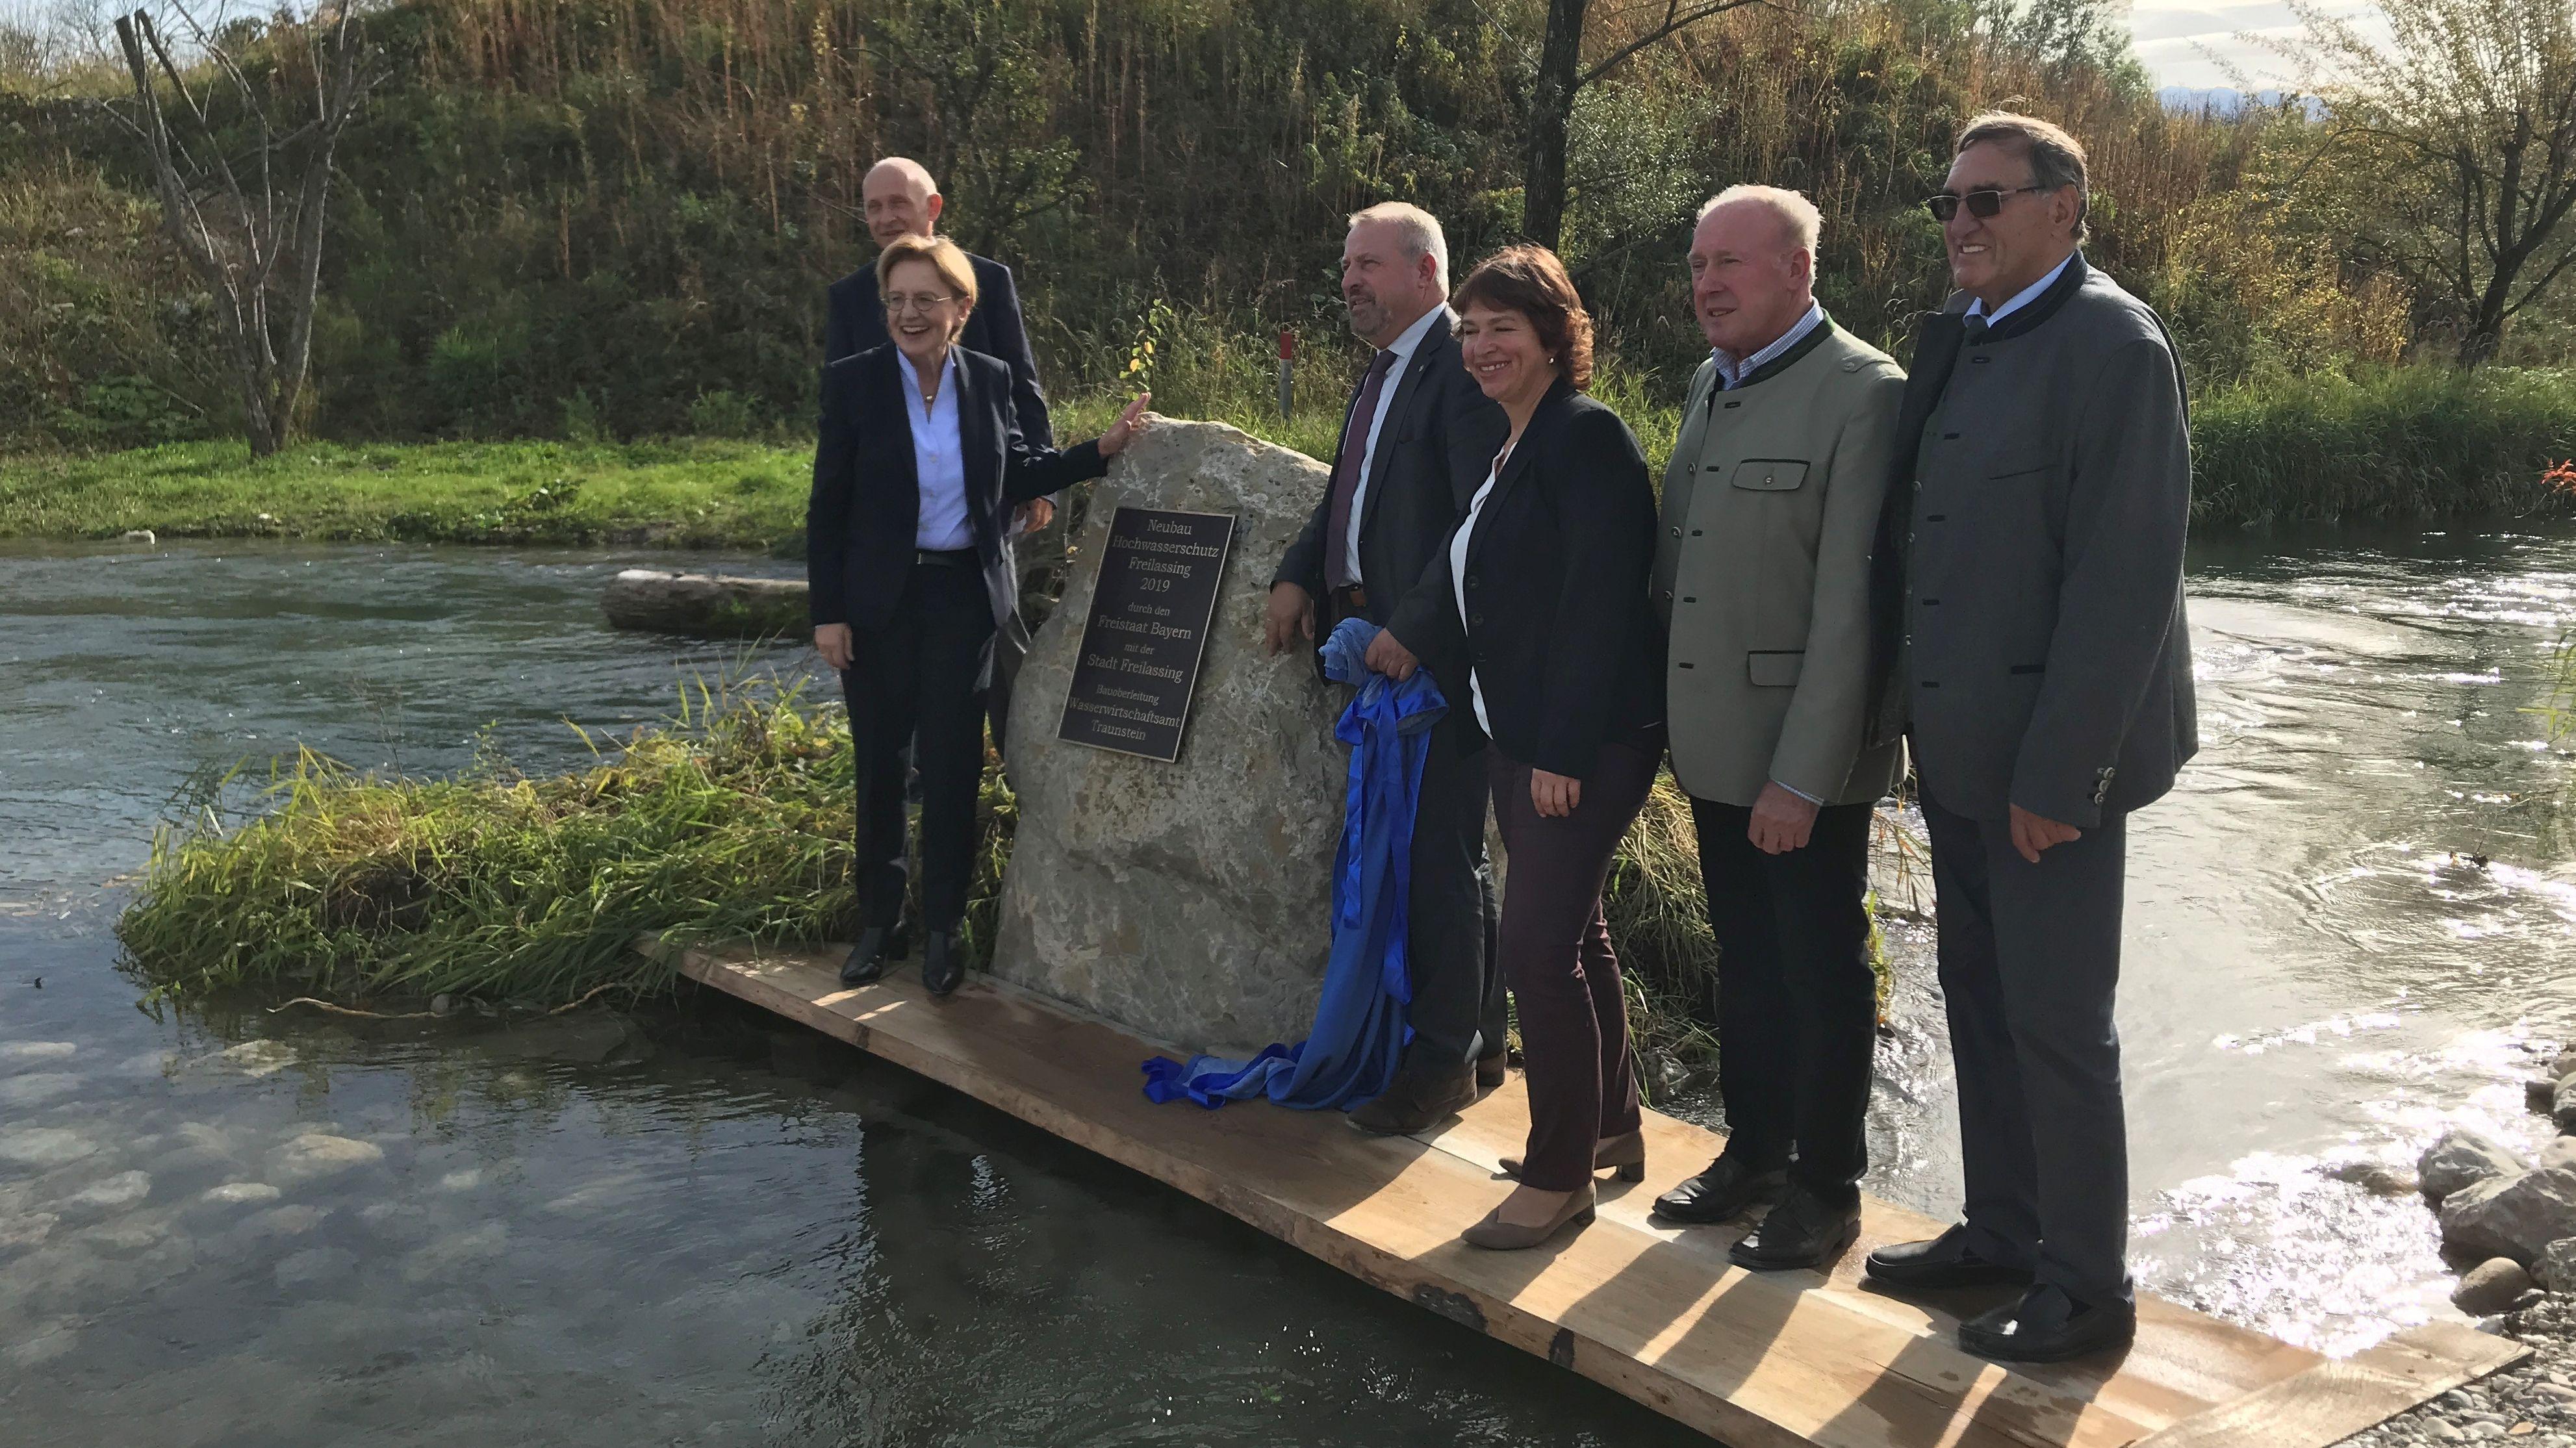 Einweihung der neuen Hochwasserschutzanlage in Freilassing